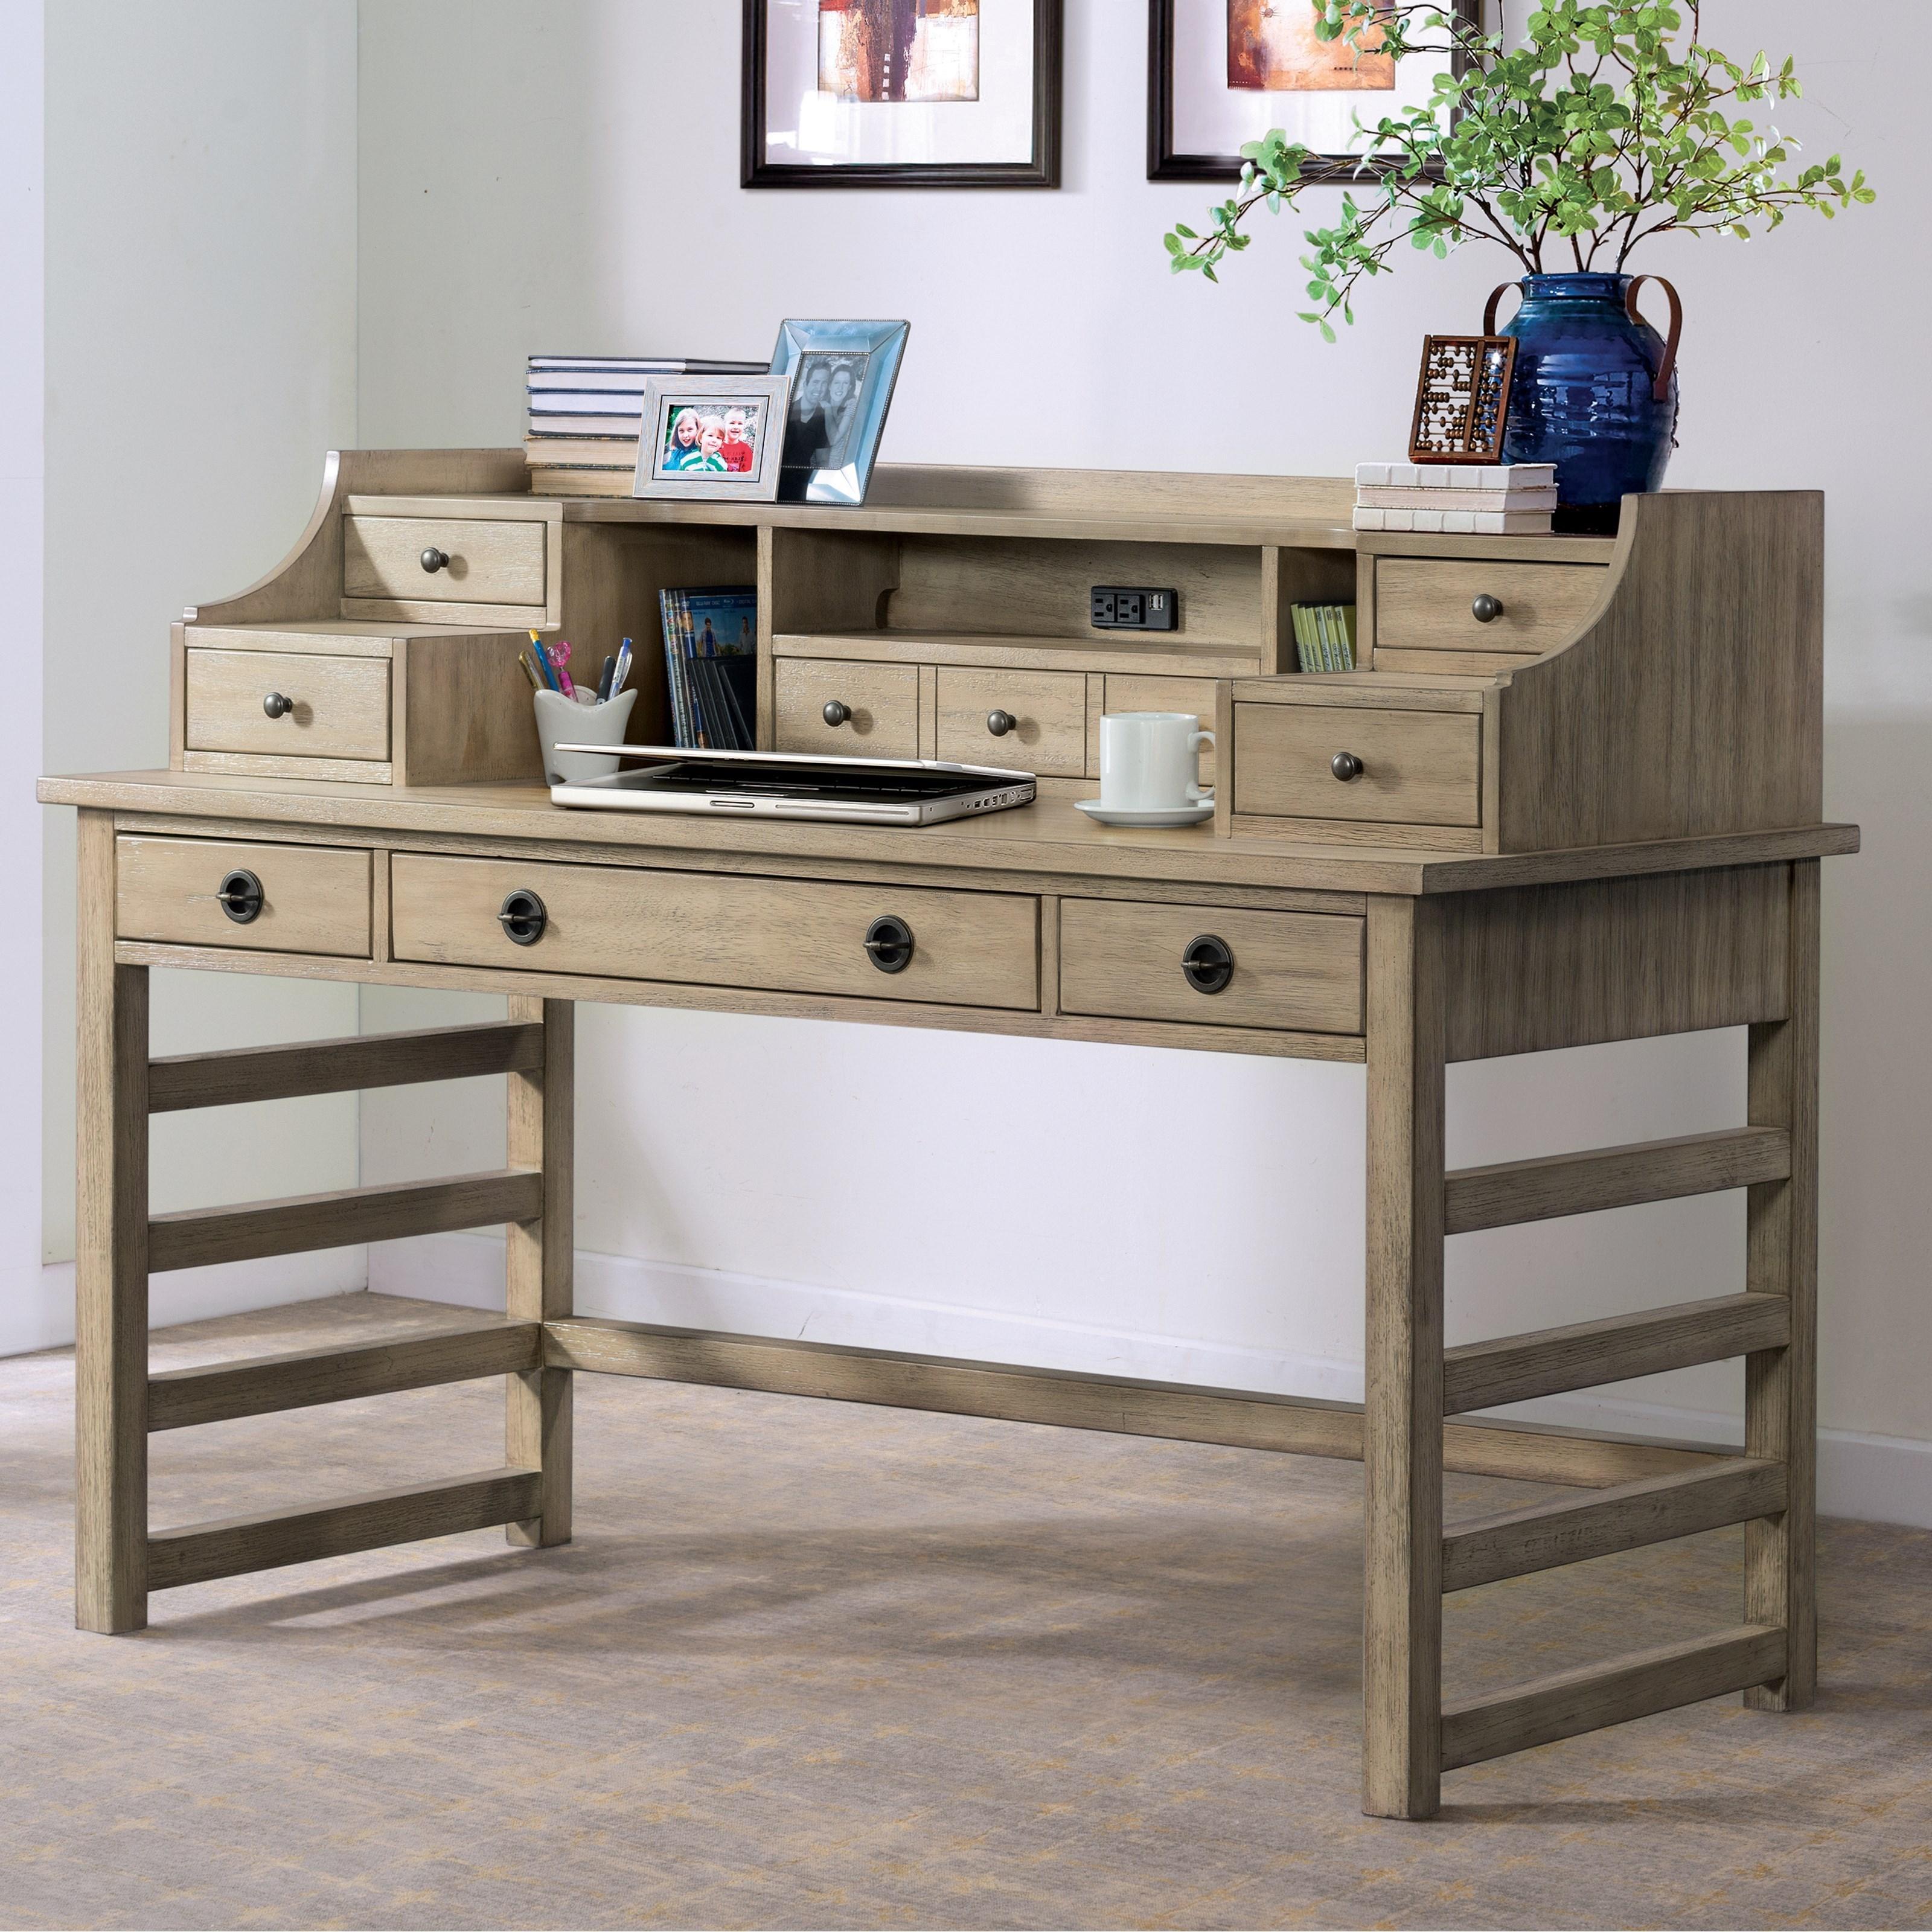 Riverside furniture perspectives 28131 leg desk with hutch for Hudsons furniture